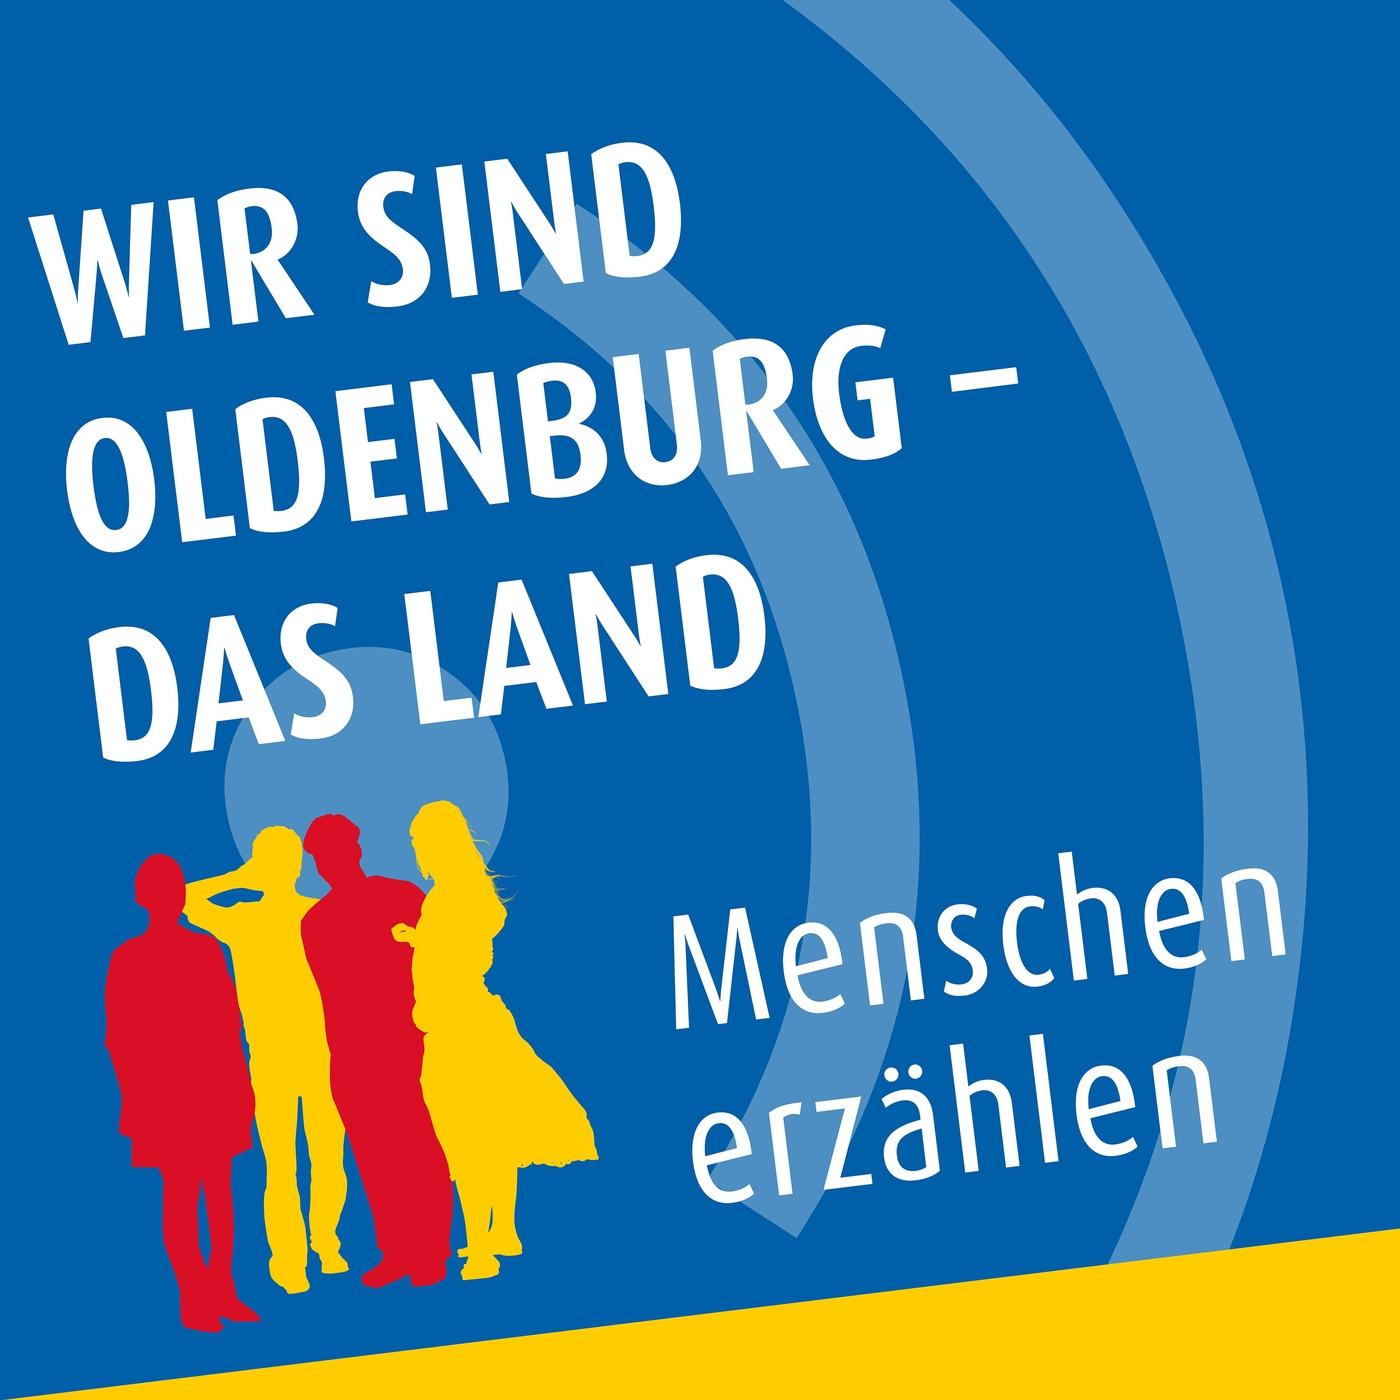 Wir sind Oldenburg das Land - Menschen erzählen